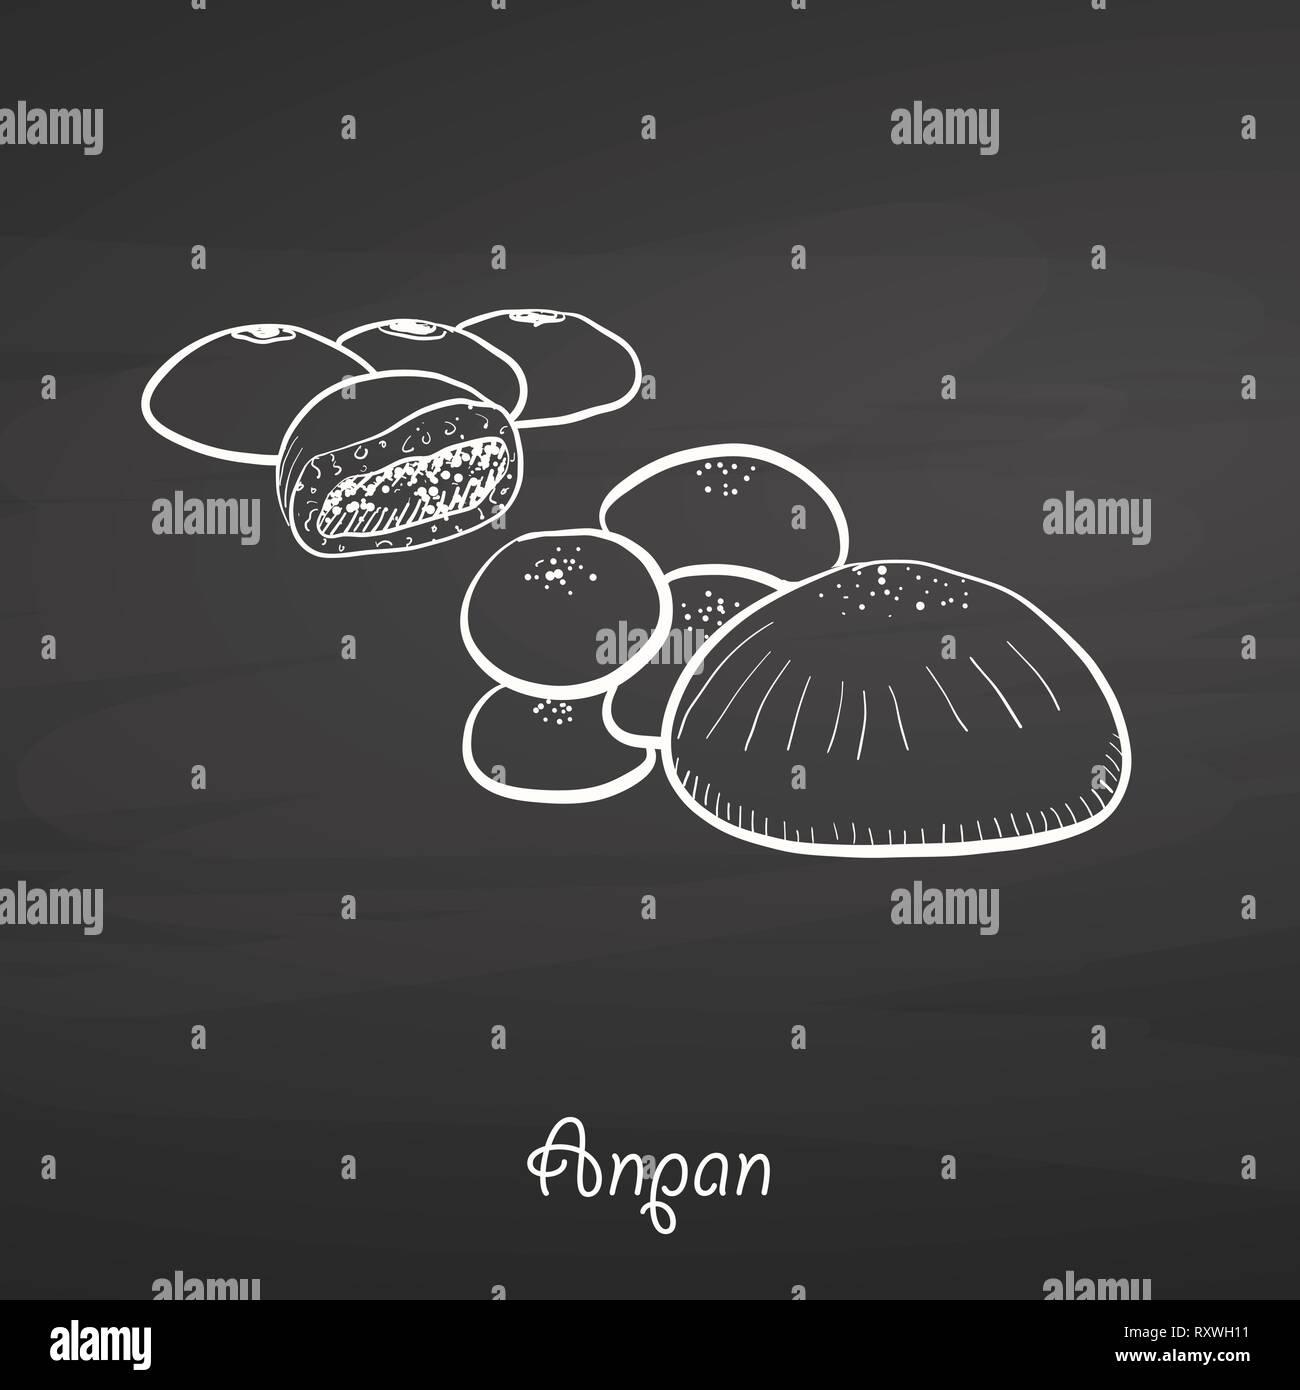 Alimentos Anpan bosquejo en el pizarrón. Dibujo Vectorial de bollo dulce, generalmente conocido en Japón. Ilustración de la serie de alimentos. Ilustración del Vector